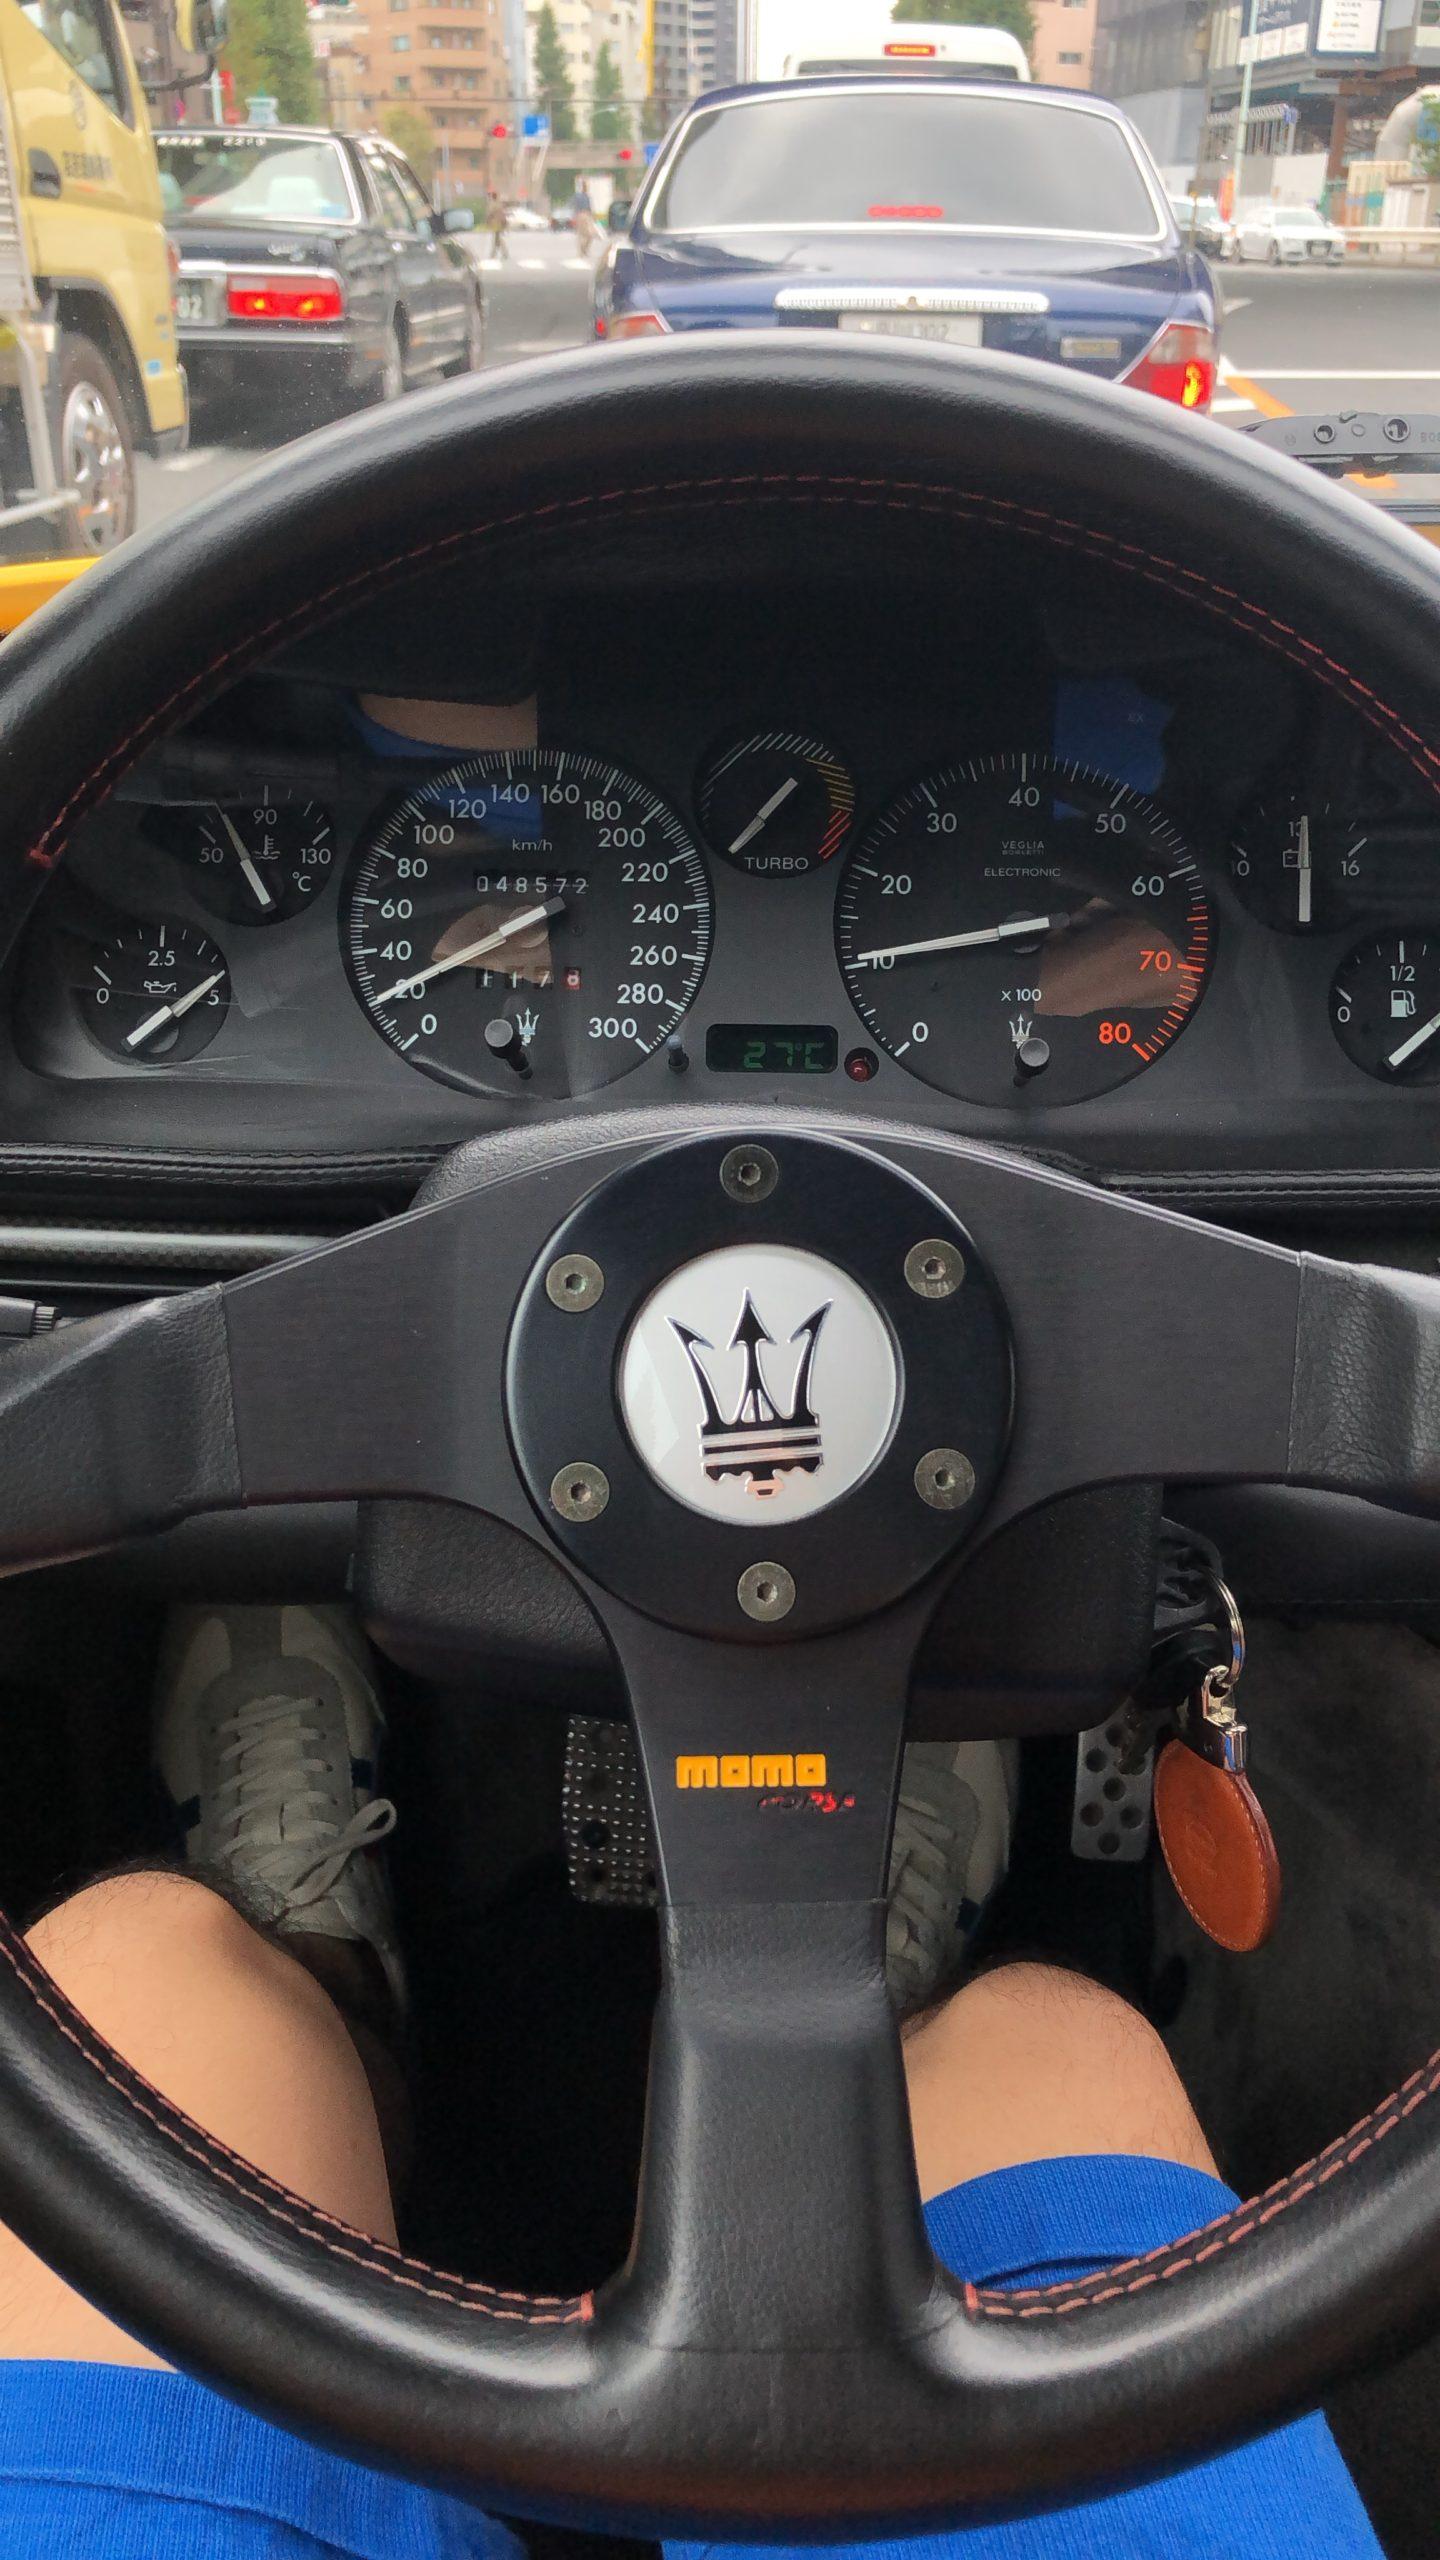 マセラティ ギブリカップ Maserati Ghibli cup